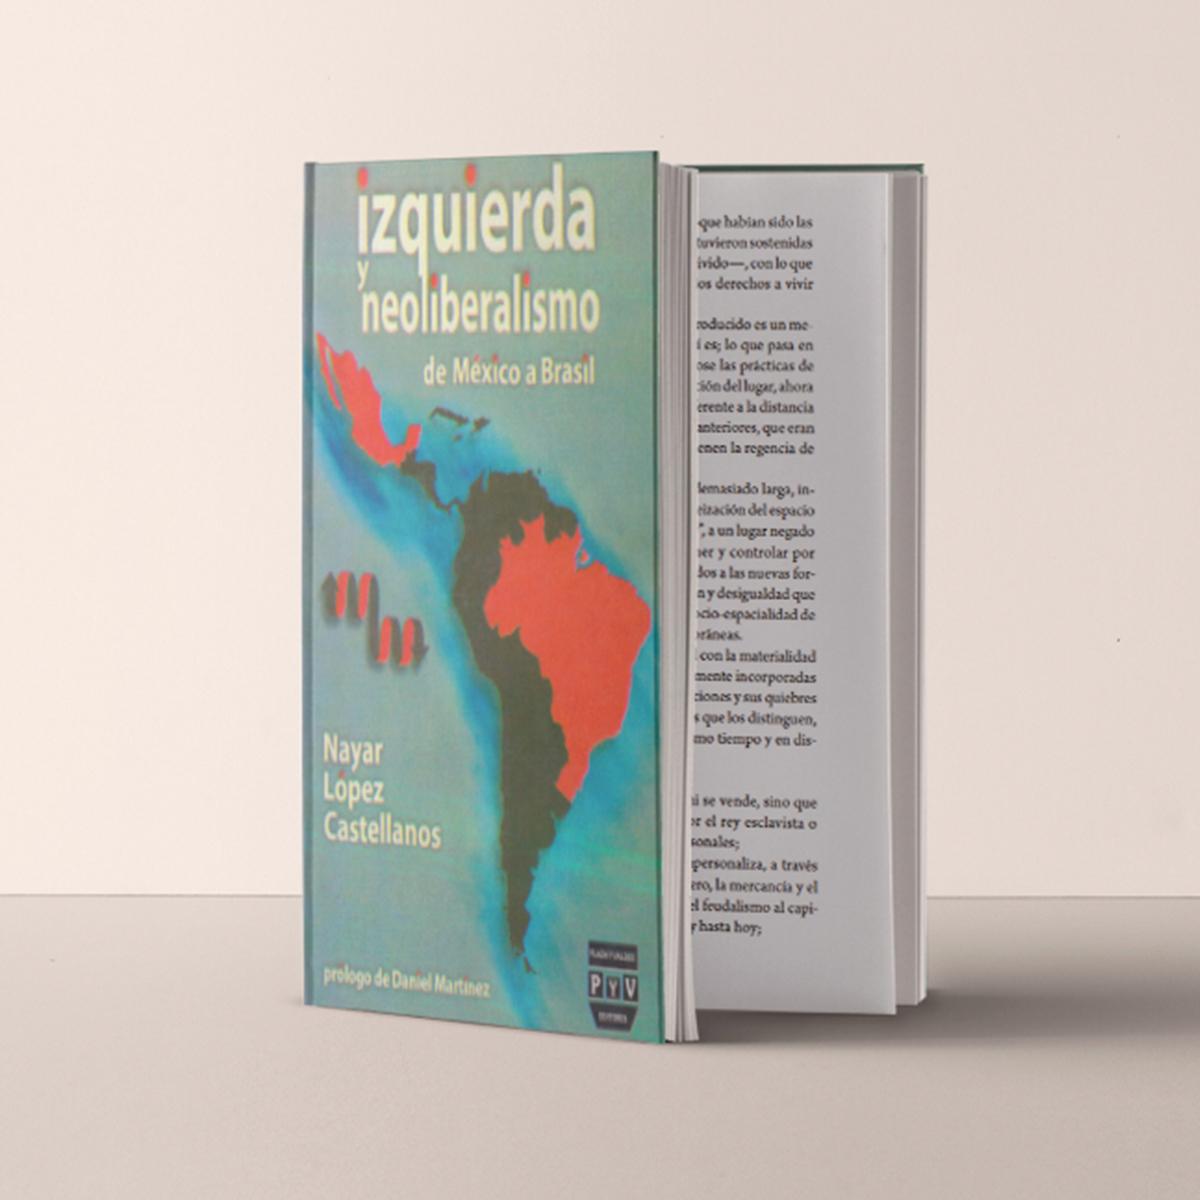 IZQUIERDA-Y-NEOLIBERALISMO-CUADRADO